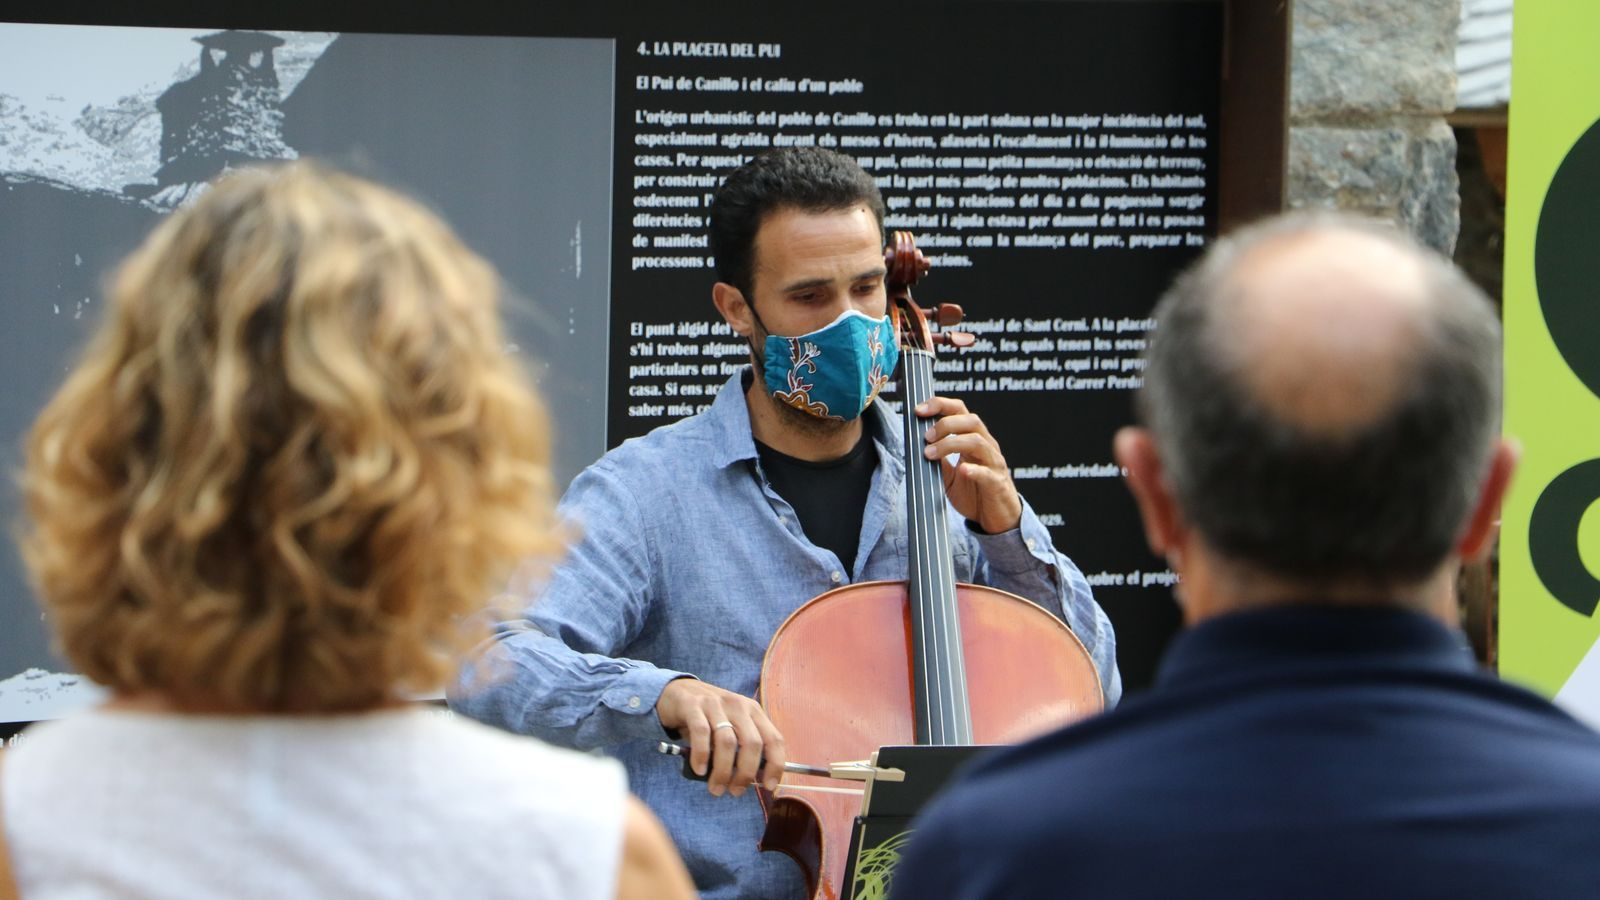 El violoncel·lista Jordi Claret durant la seva actuació d'aquest dimarts a Canillo. / E.C. (ANA)